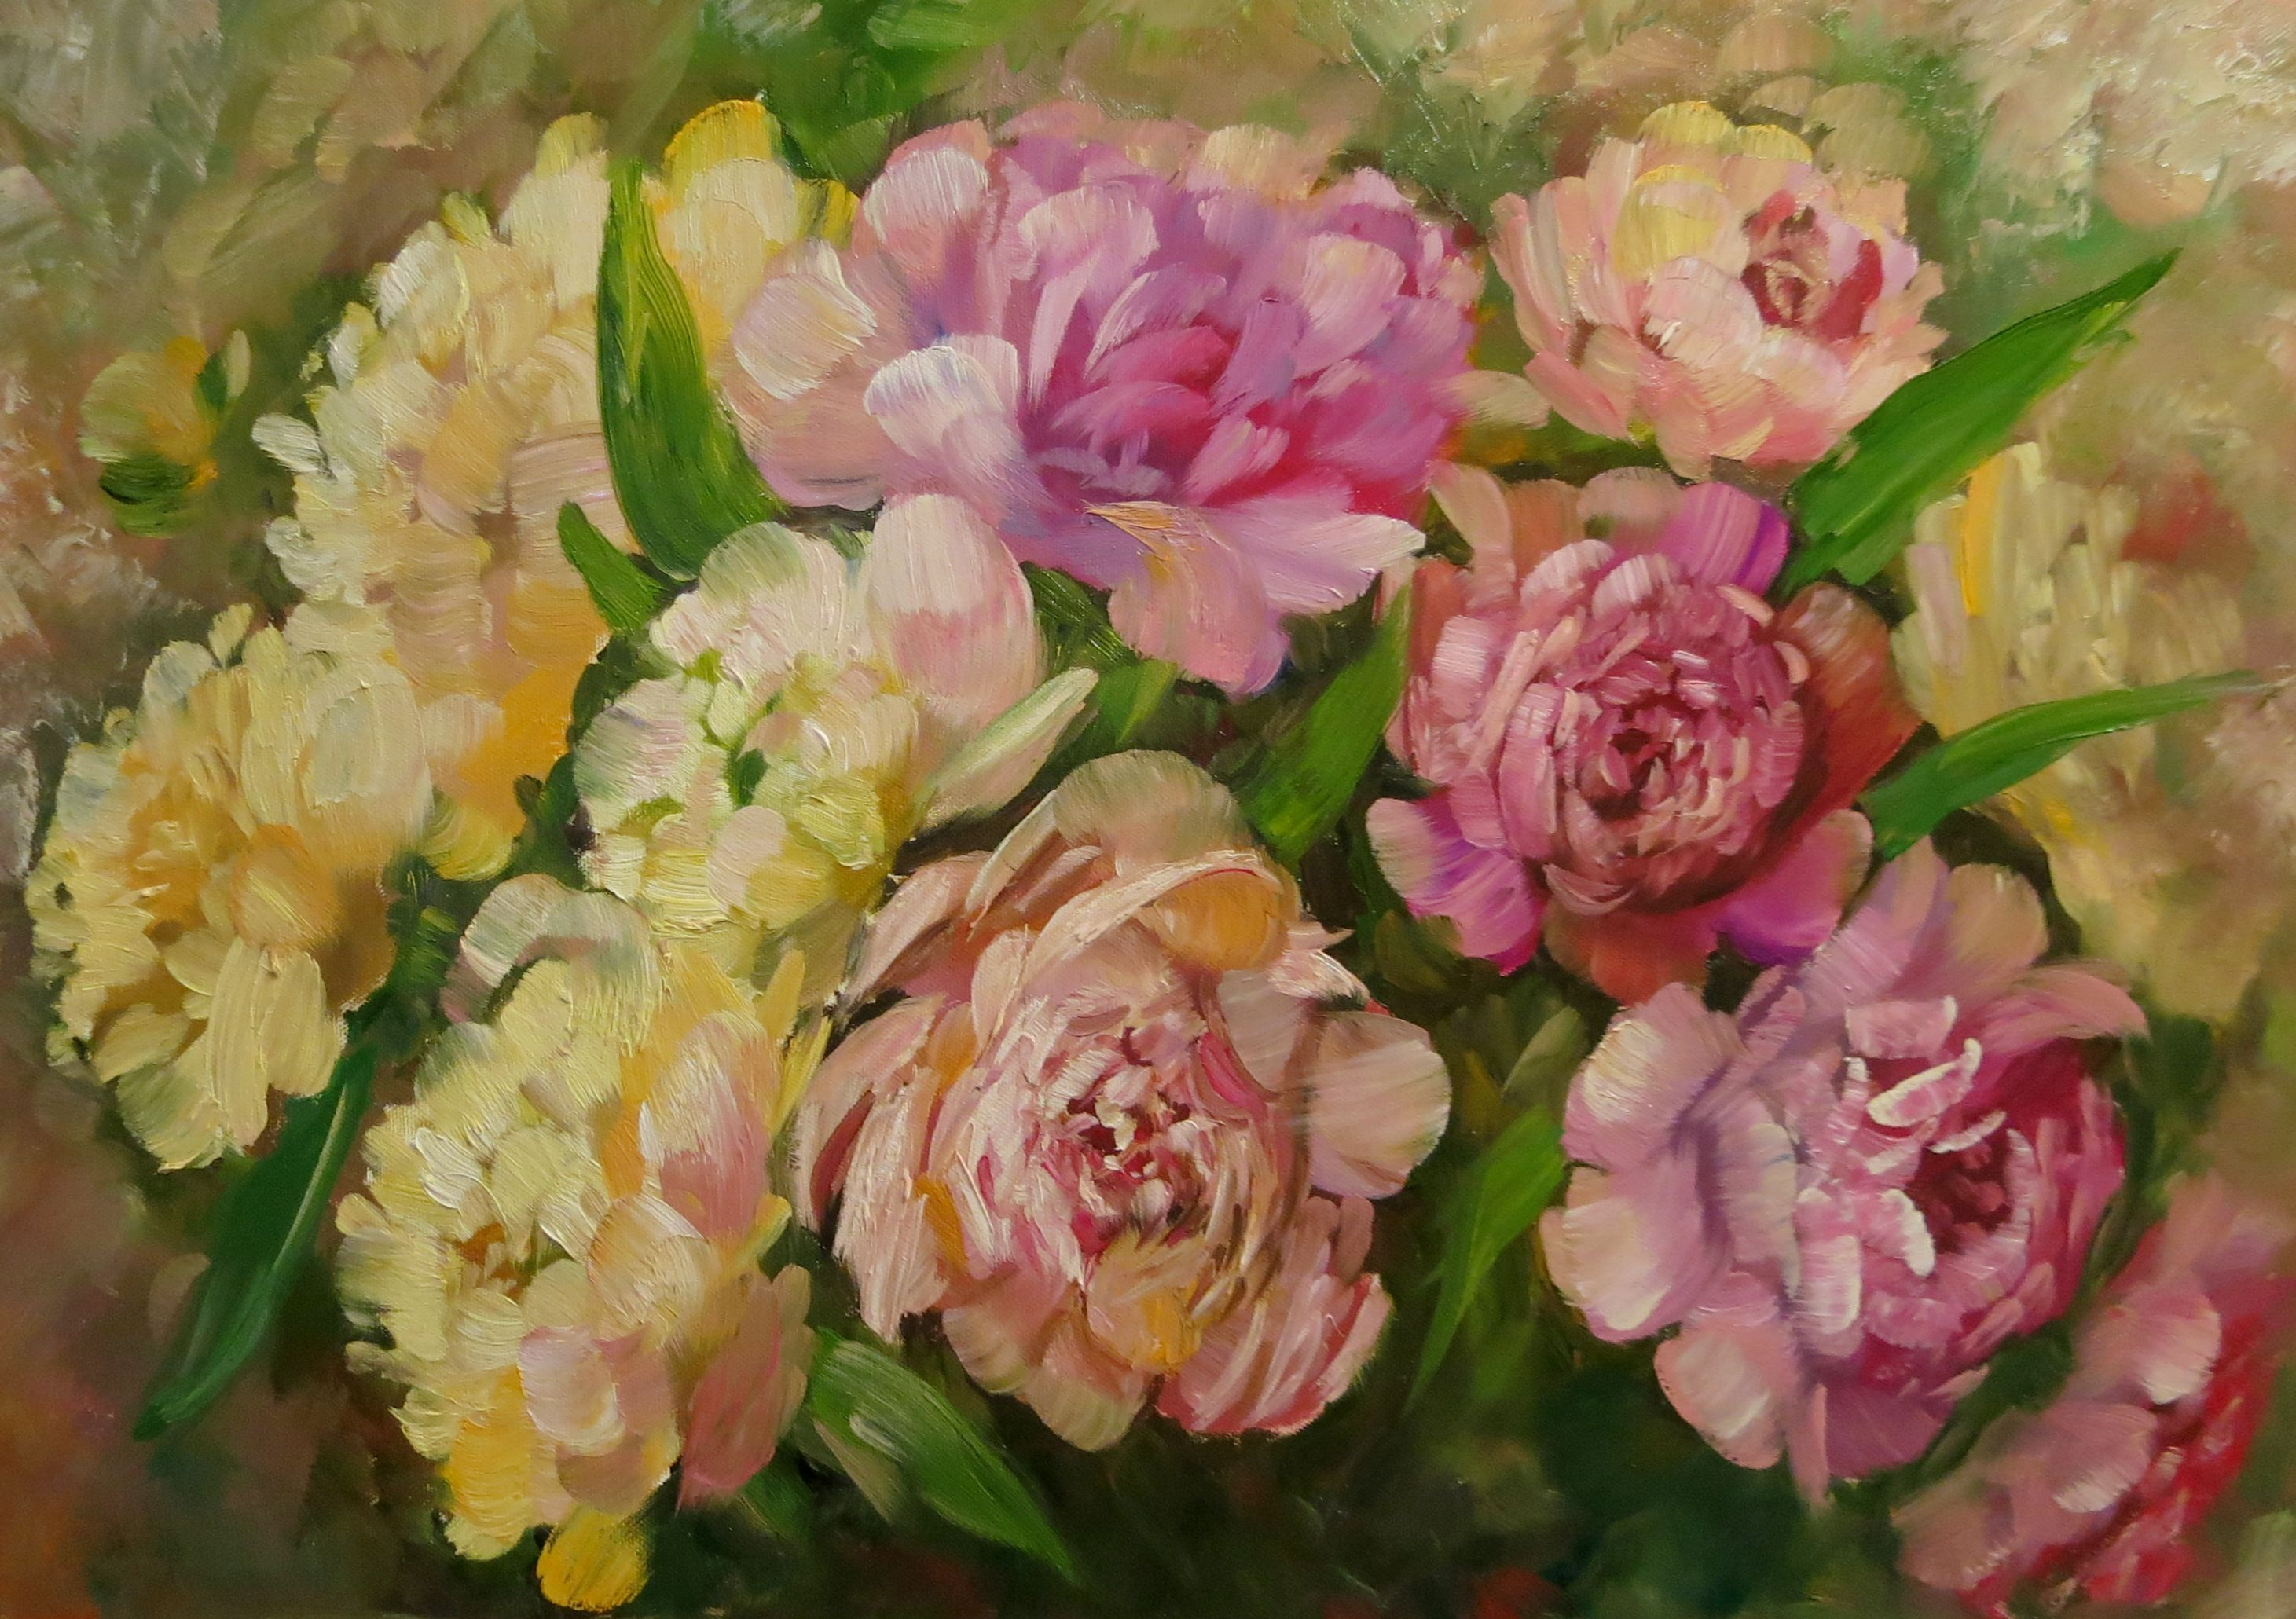 маслом интерьера картина дома цветочная для украшение души пионы живопись